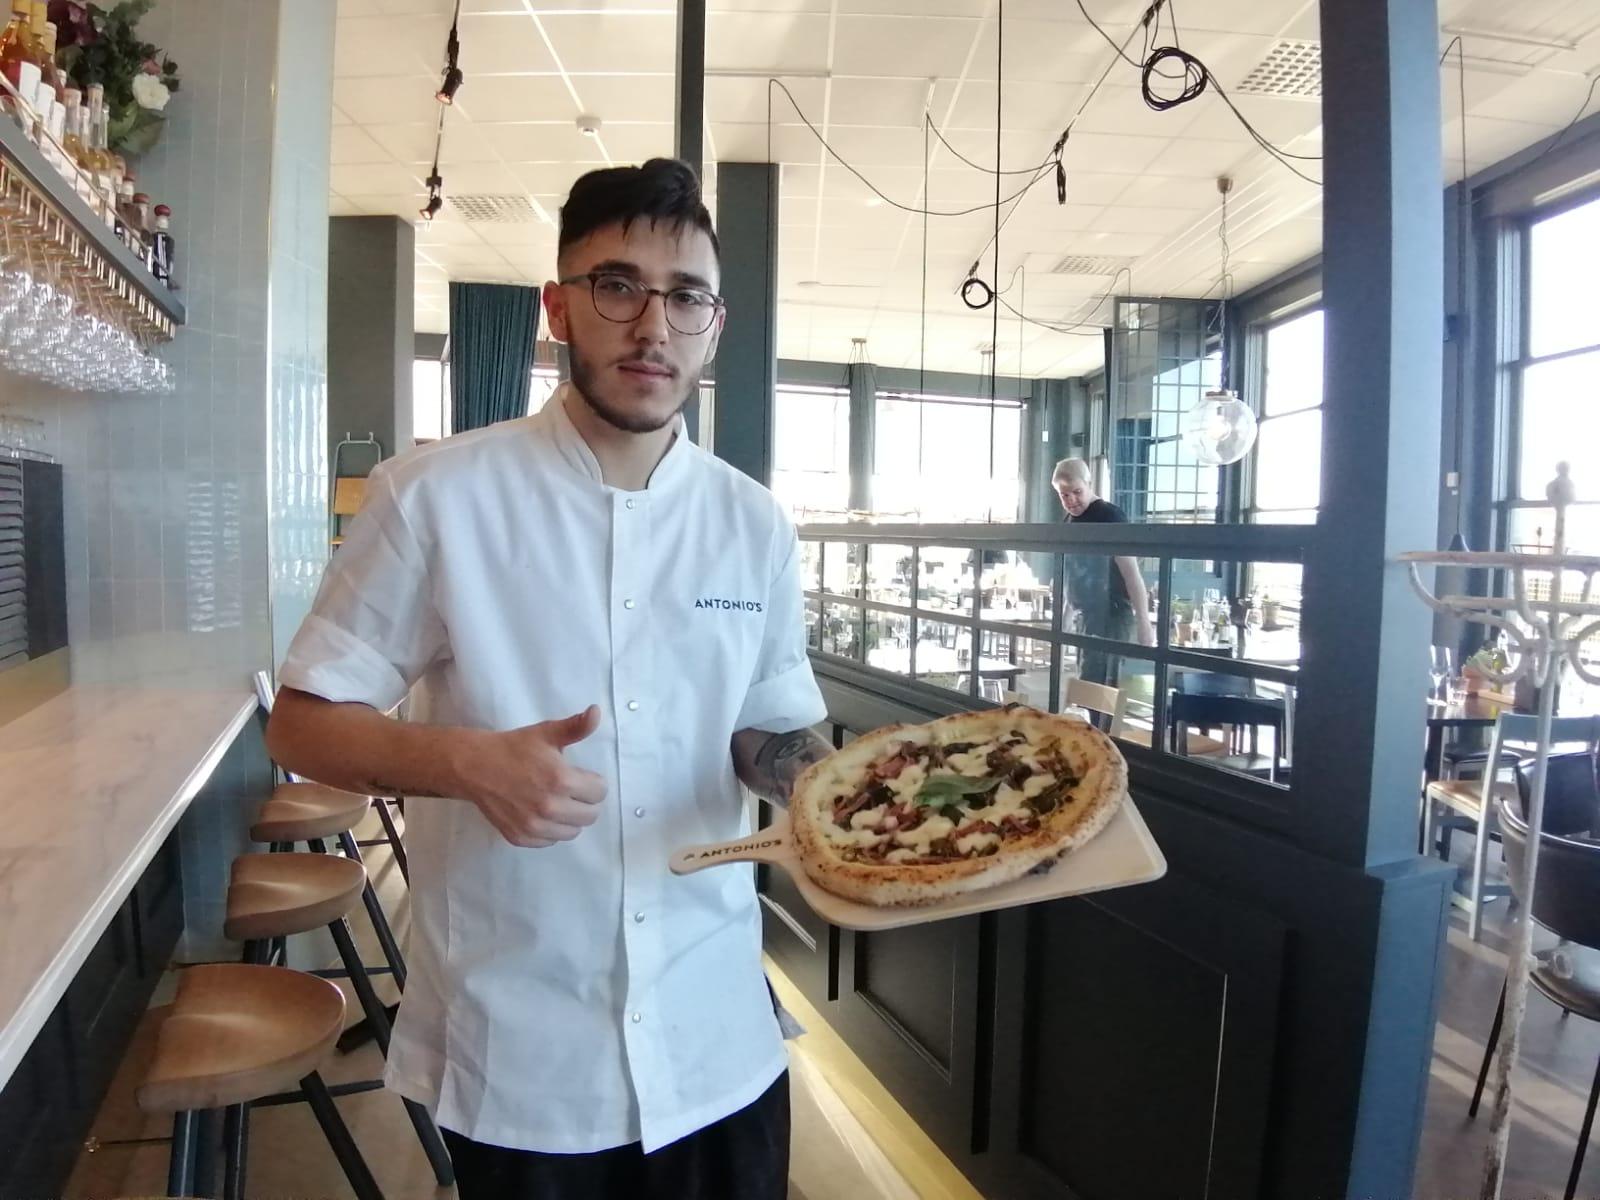 Eccellenze nostrane: Salvatore, il segreto della pizza doc per tutti gli svedesi